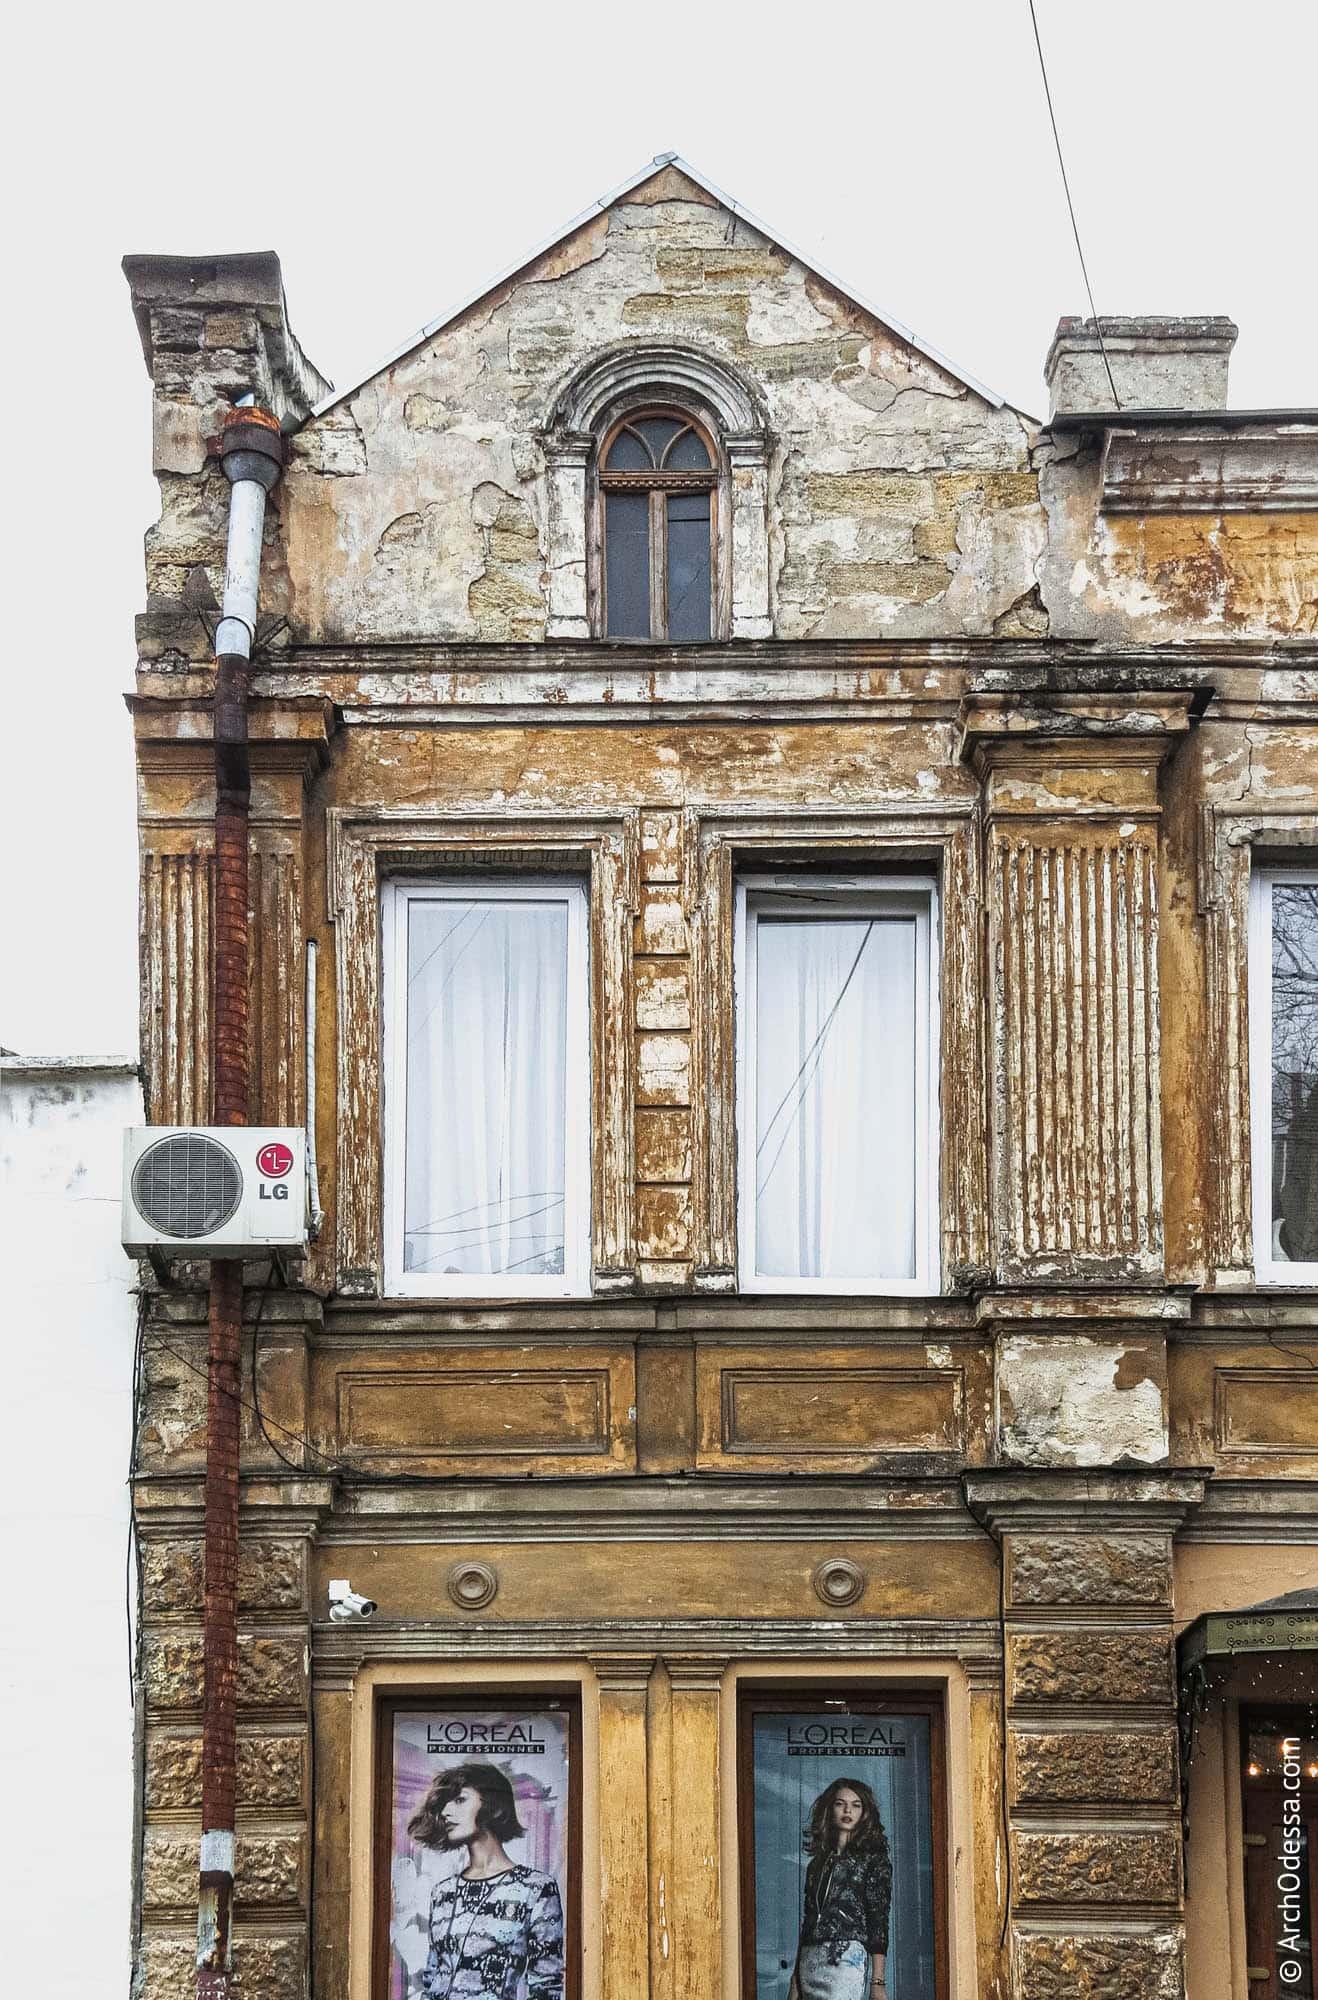 Фронтон и окна второго этажа